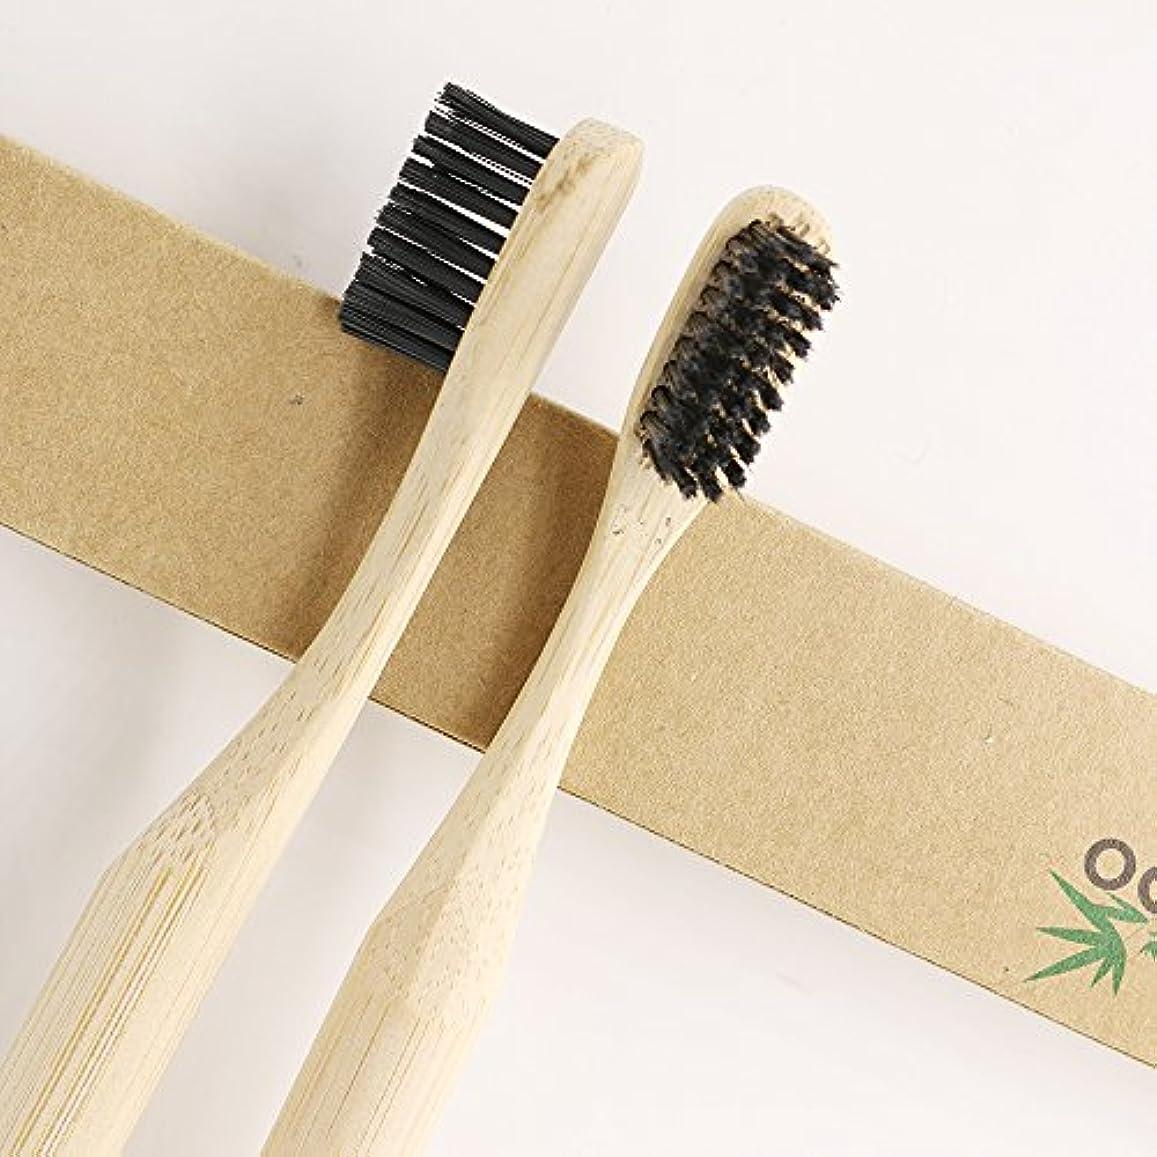 応じる消毒剤是正するN-amboo 竹製耐久度高い 歯ブラシ  2本入り セット 黒い